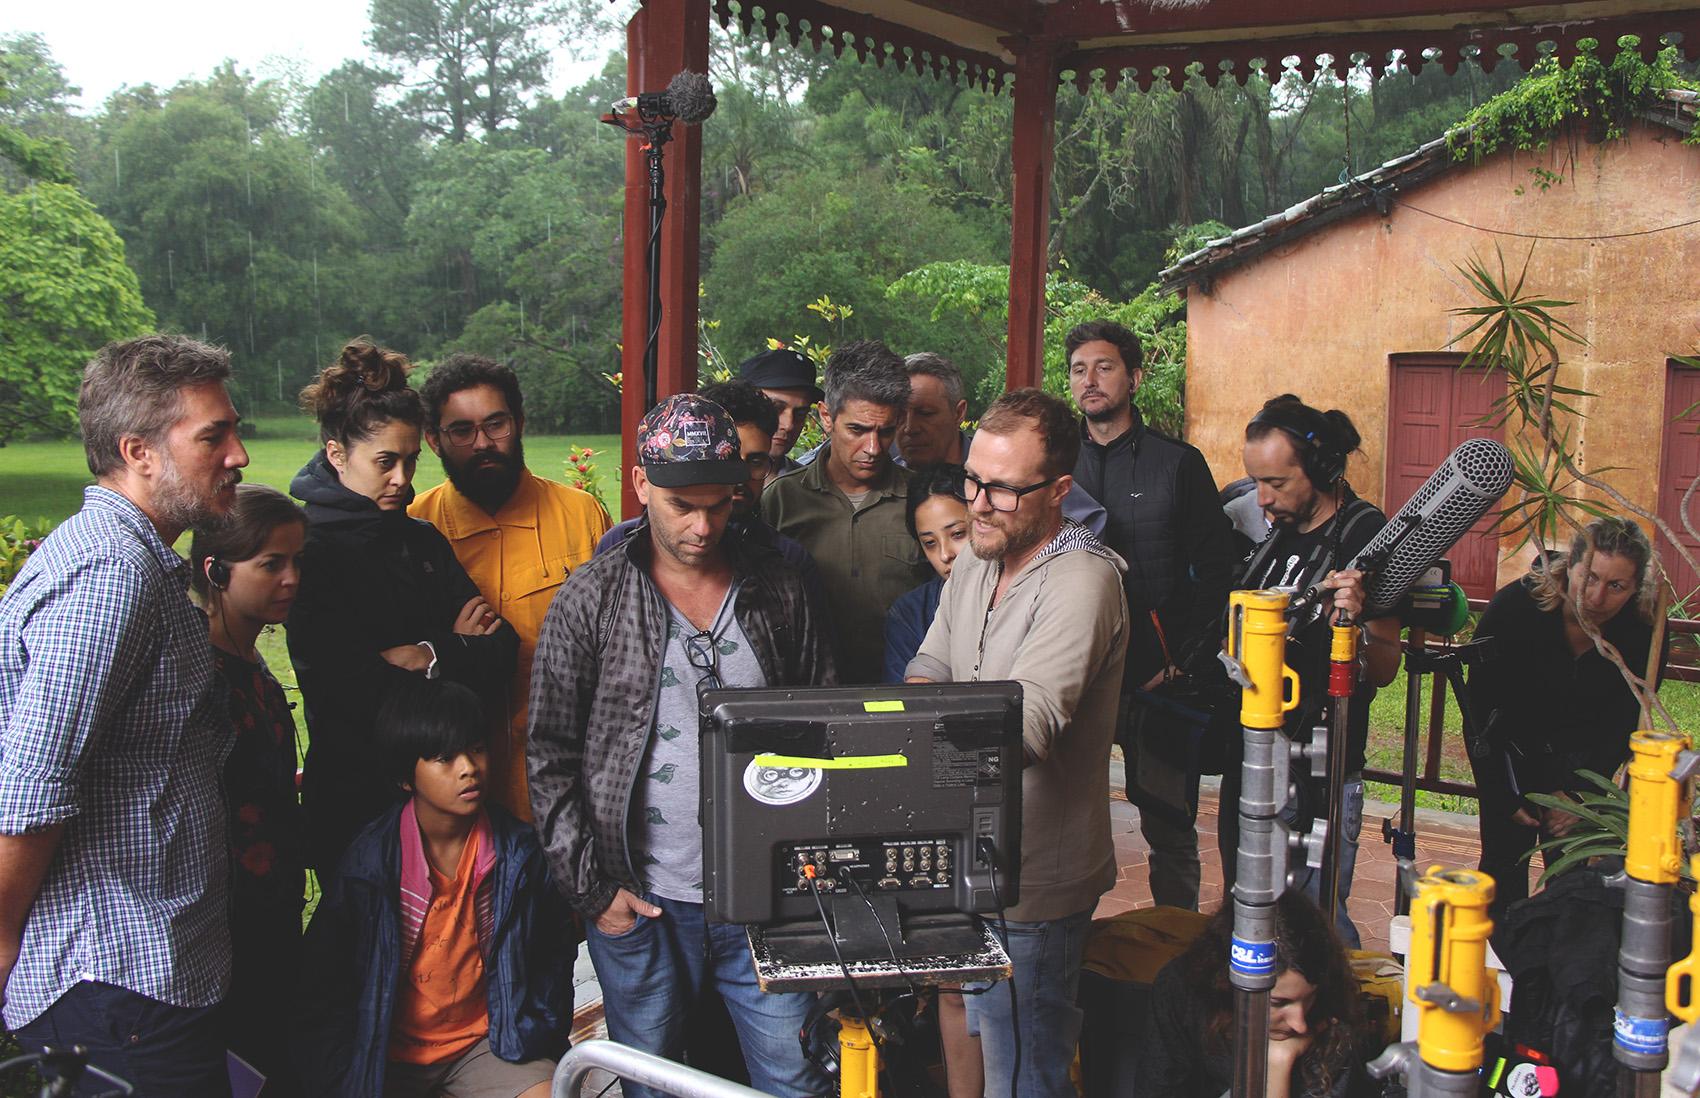 Dos películas filmadas en Misiones participaron del Marche du Film